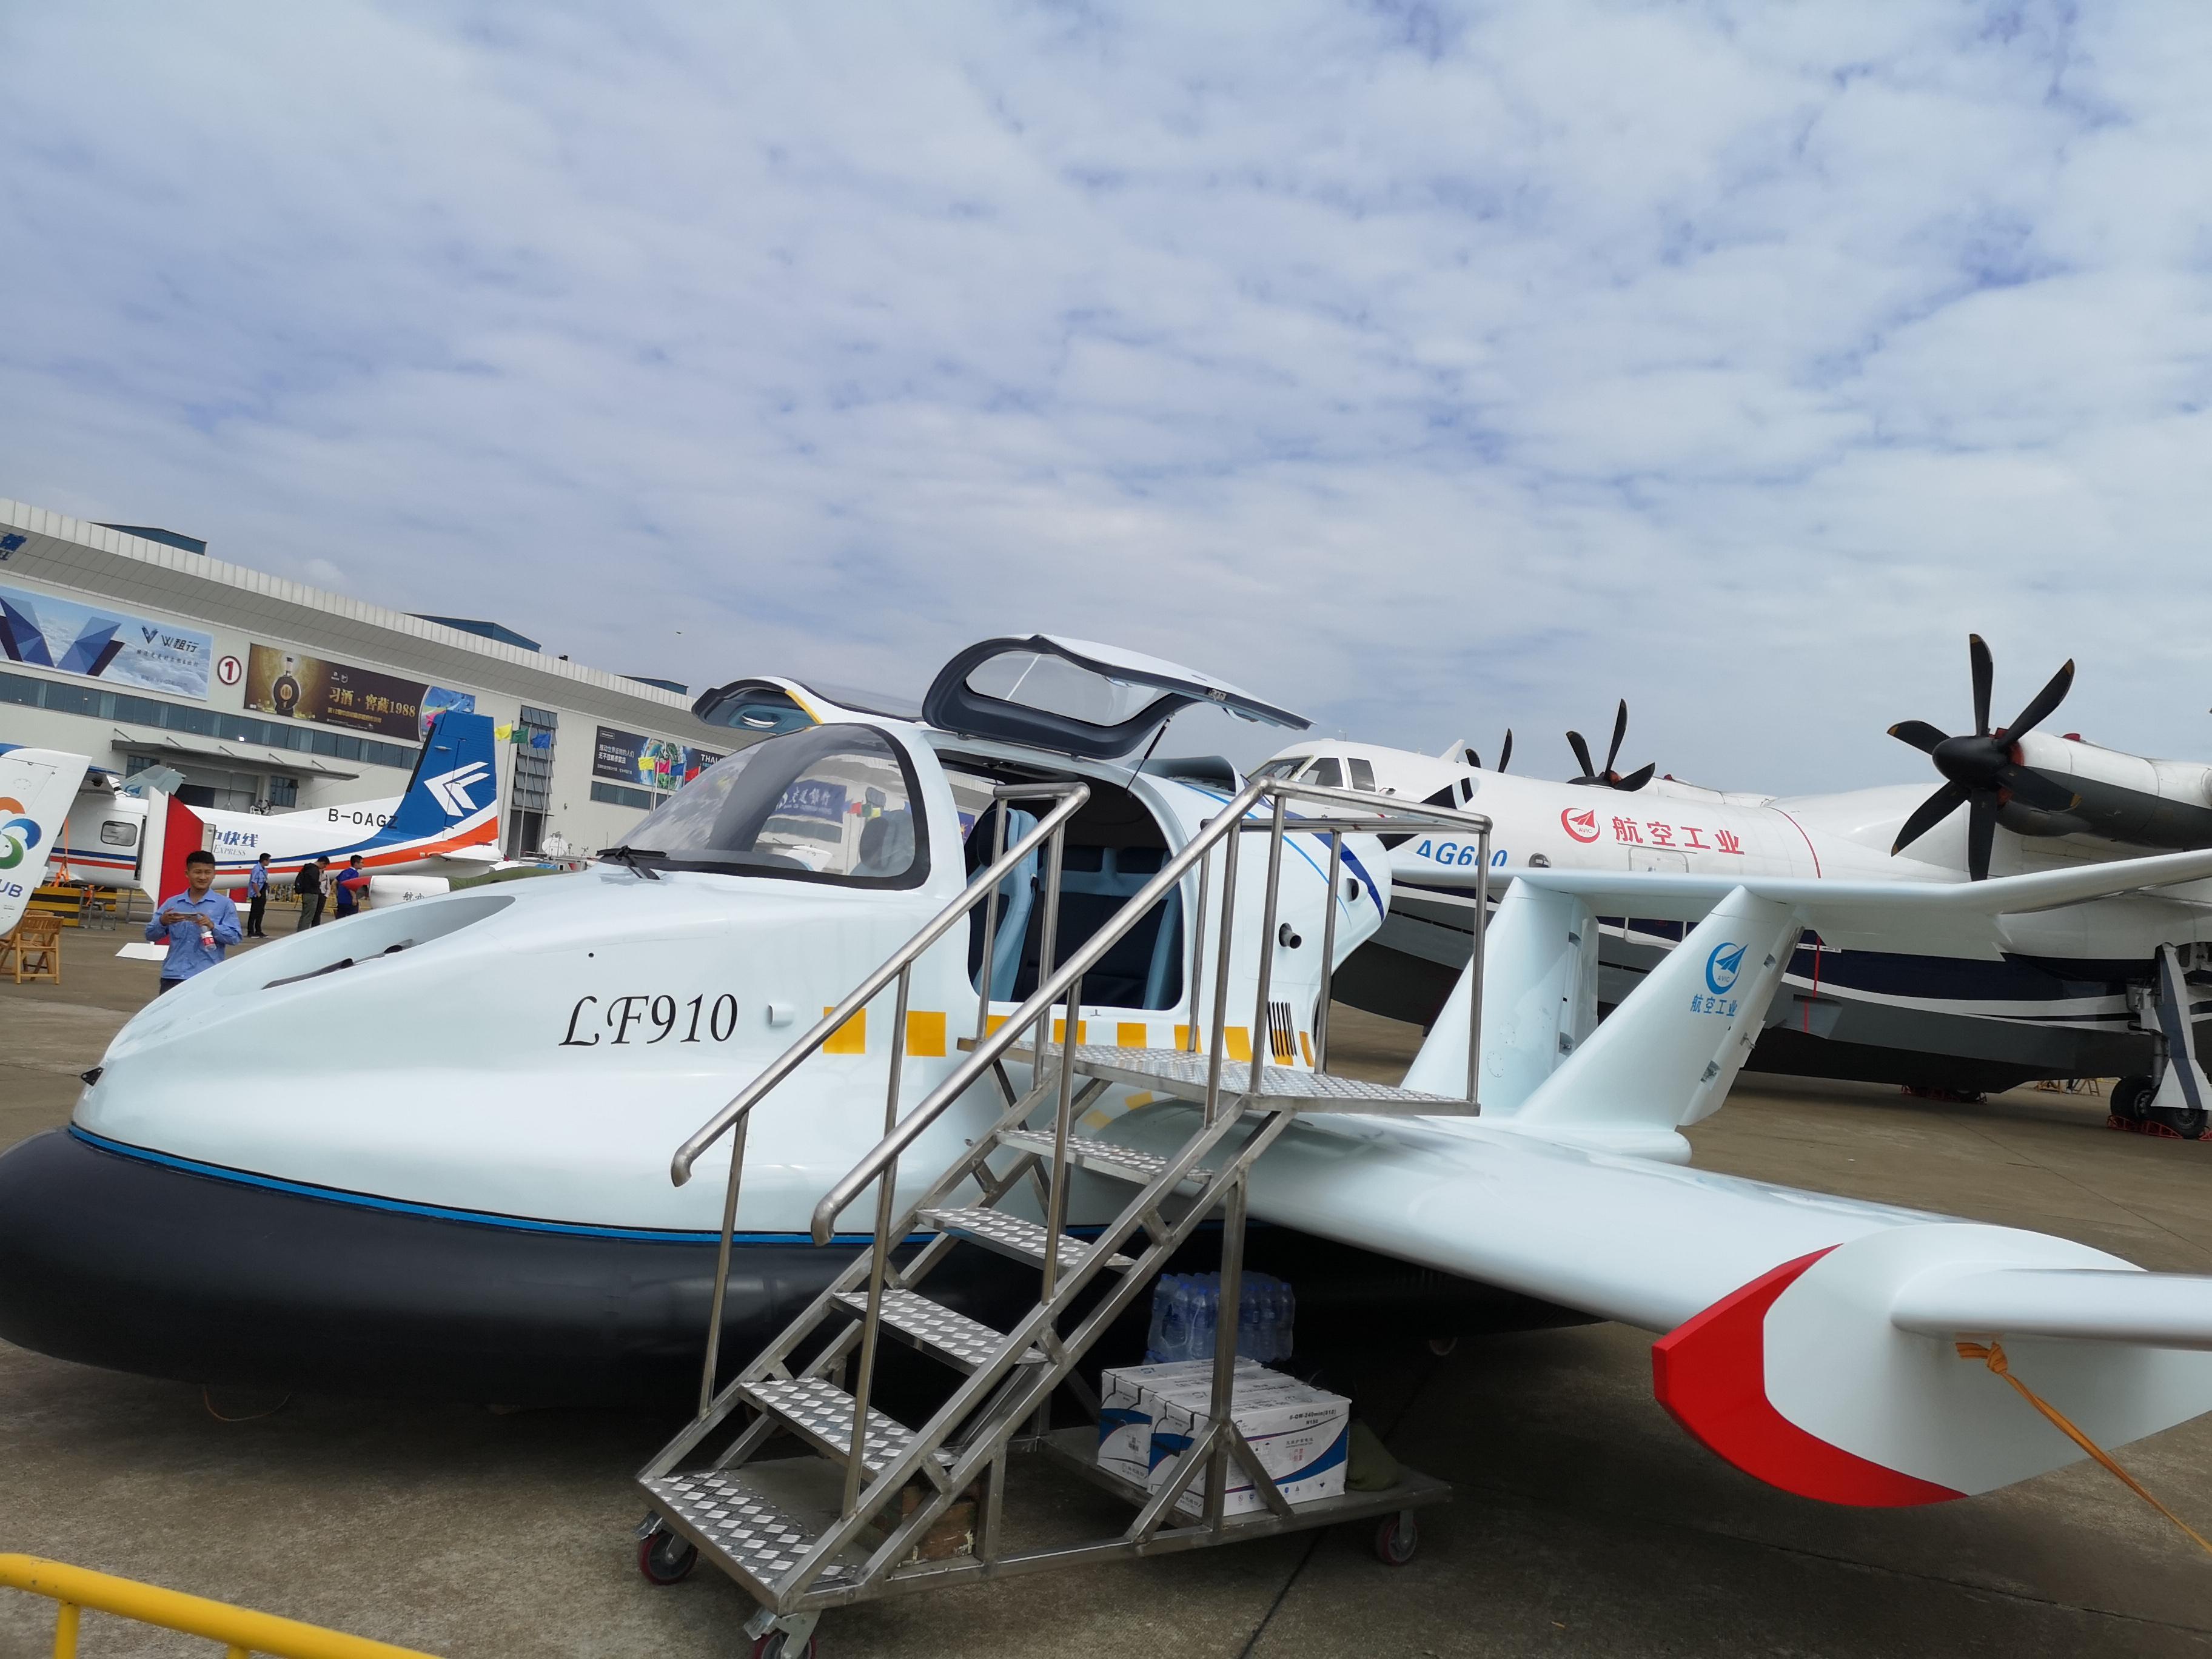 中航工业推出小型地效飞行器 陆海两栖轻松通行